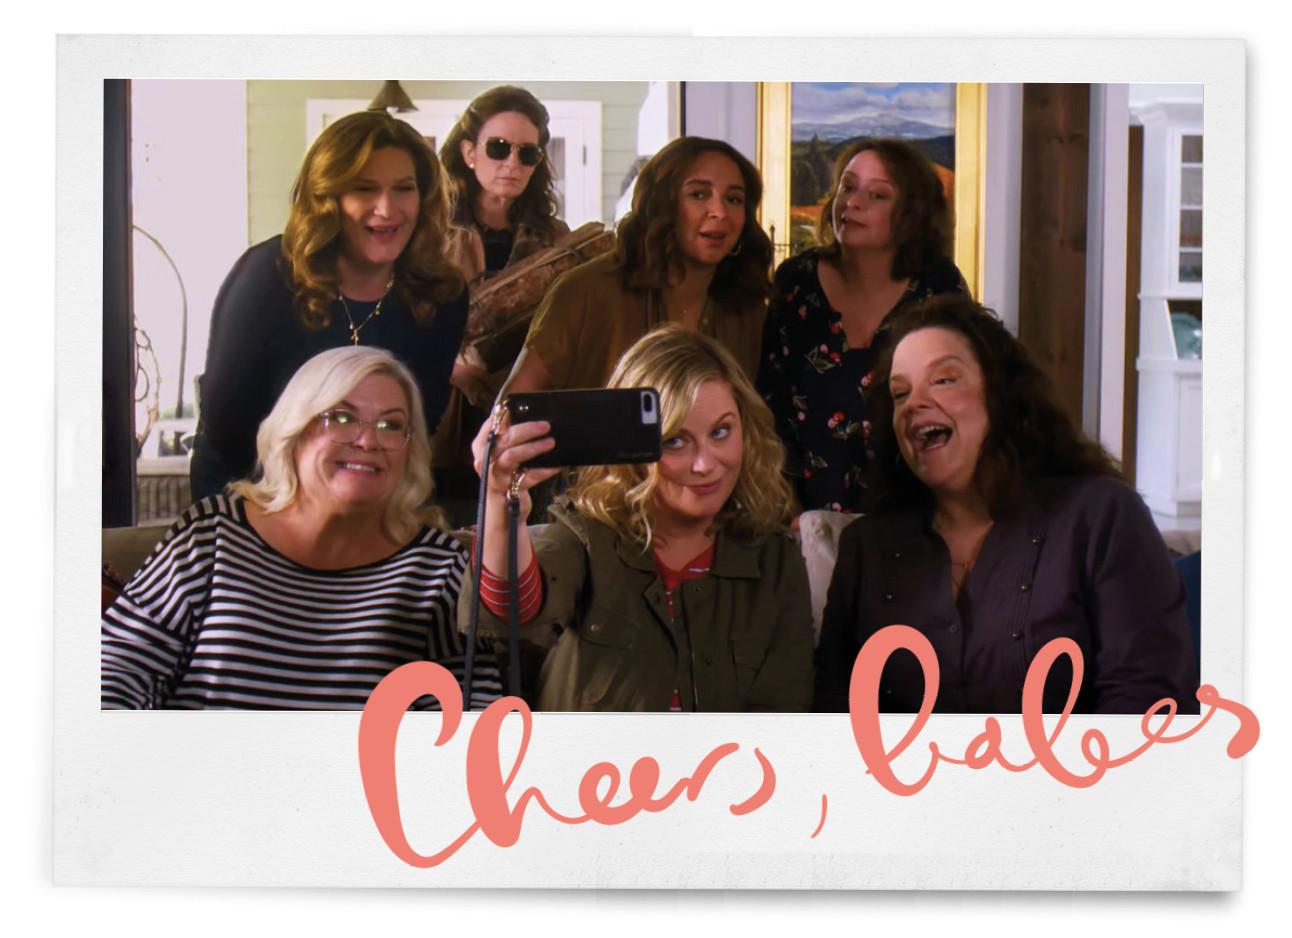 7 vriendinnen in de nieuwe netflix film wine country, maken een selfie, trekken gekke gezichten en drinken wijn